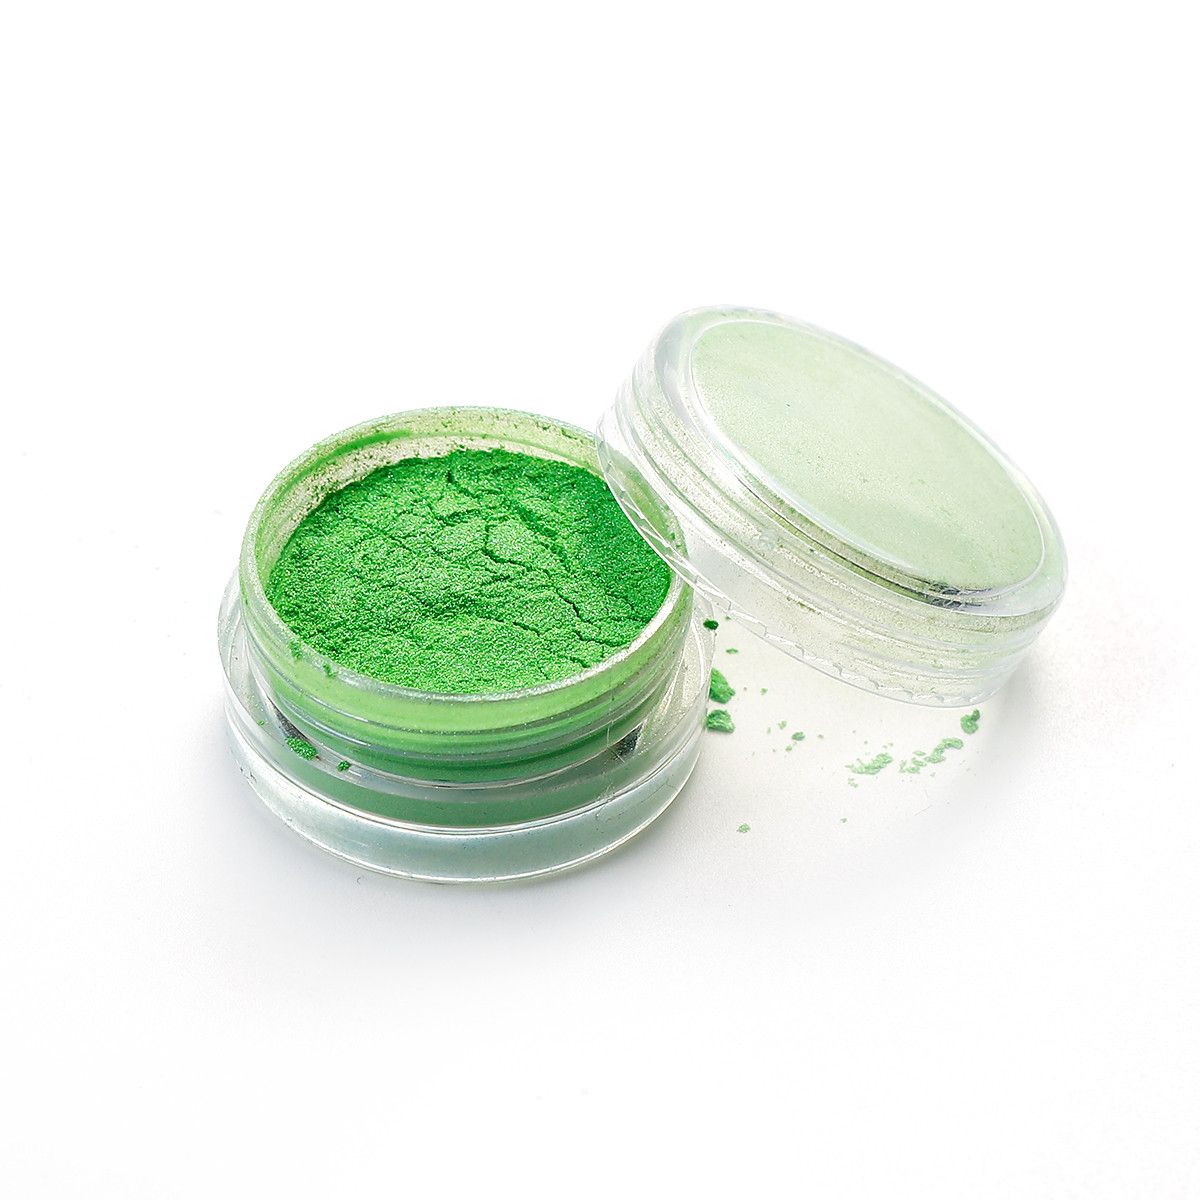 Наповнювач для епоксидної смоли, Блискітки зеленого кольору, 30 мм x 16 мм, ціна вказана за 1 баночку!